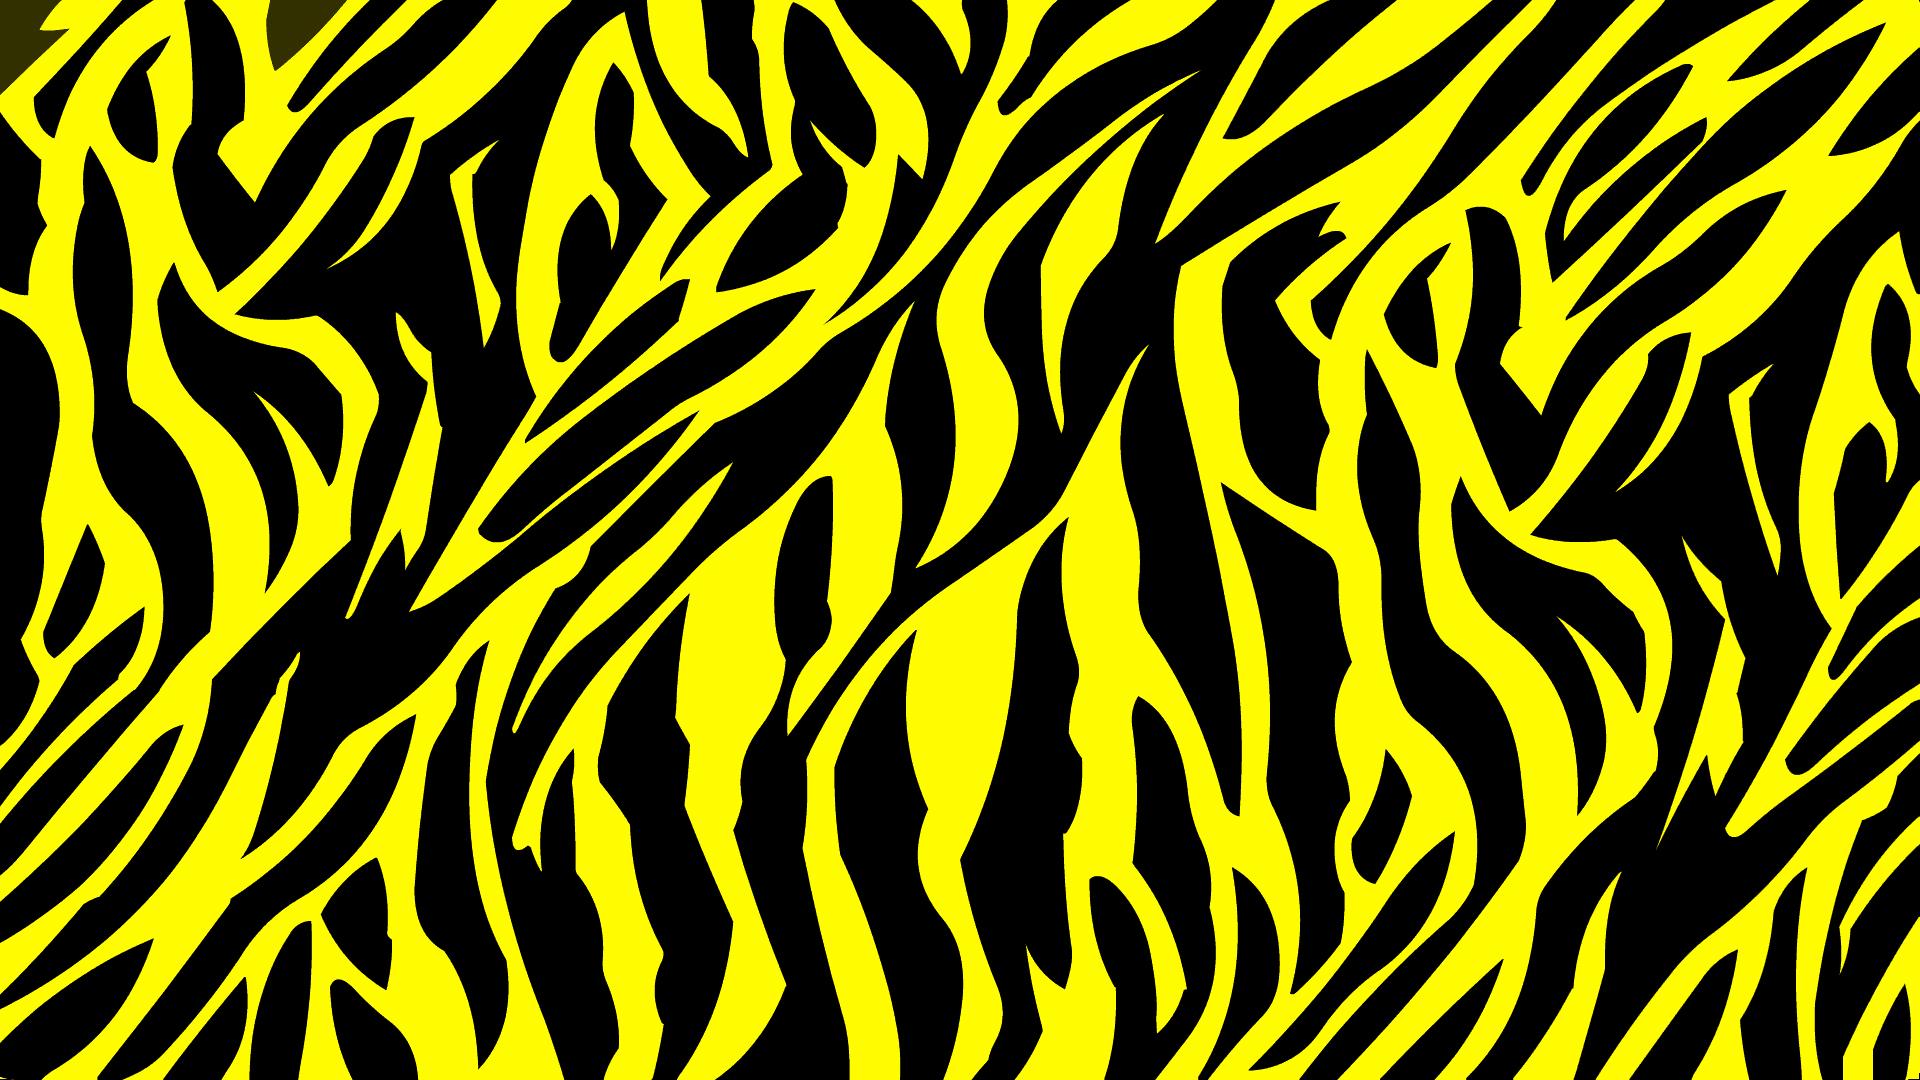 ゼブラ柄 黄黒の画像 ジーソザイ